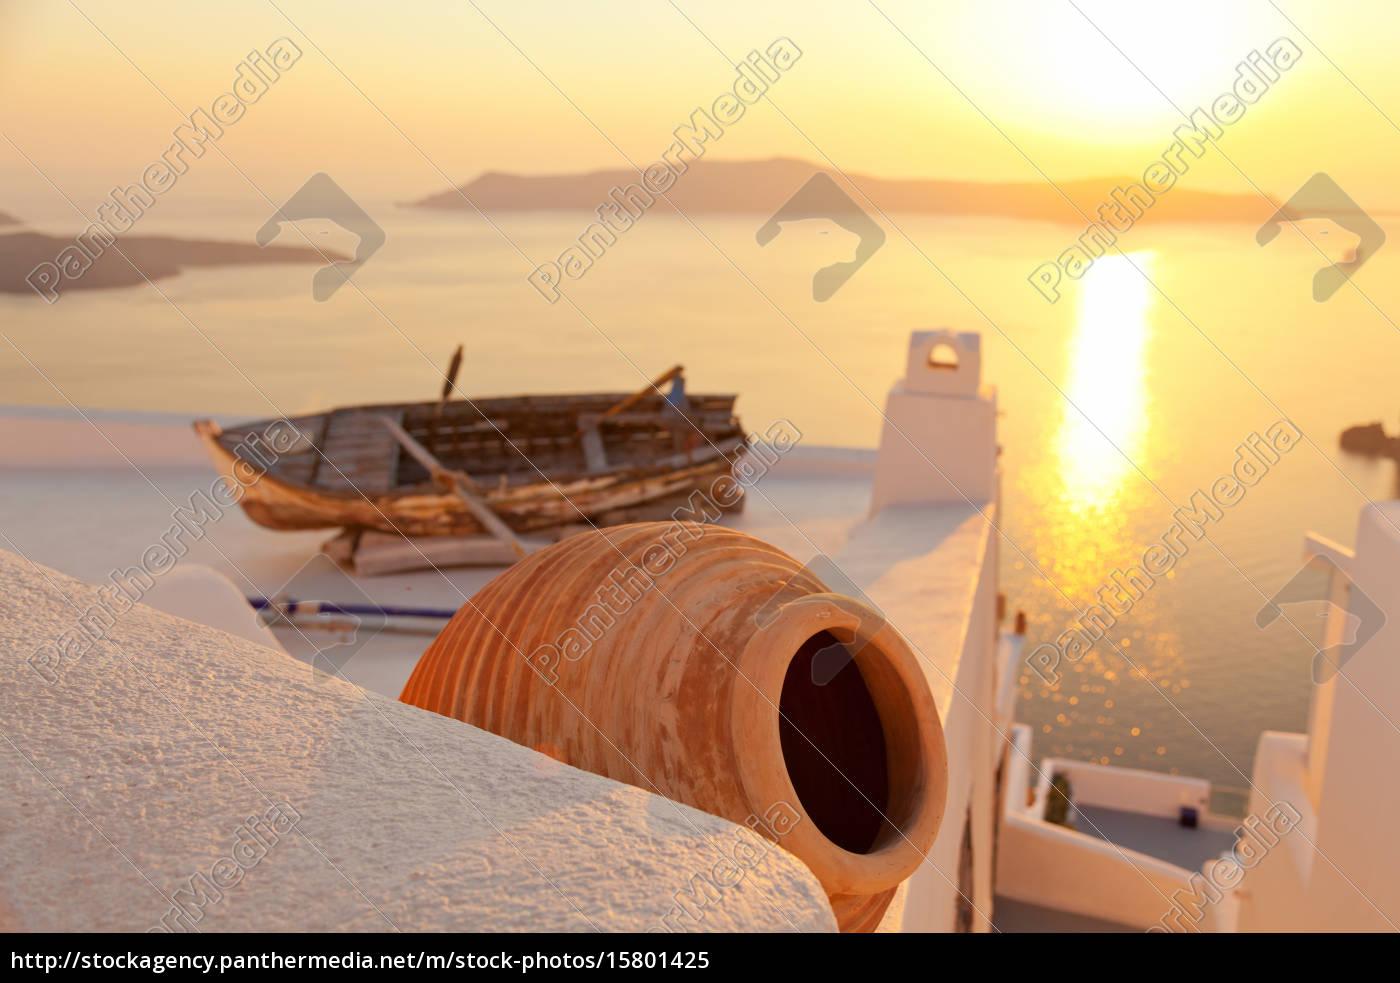 old, boat, in, firostefani, , santorini, old, boat - 15801425